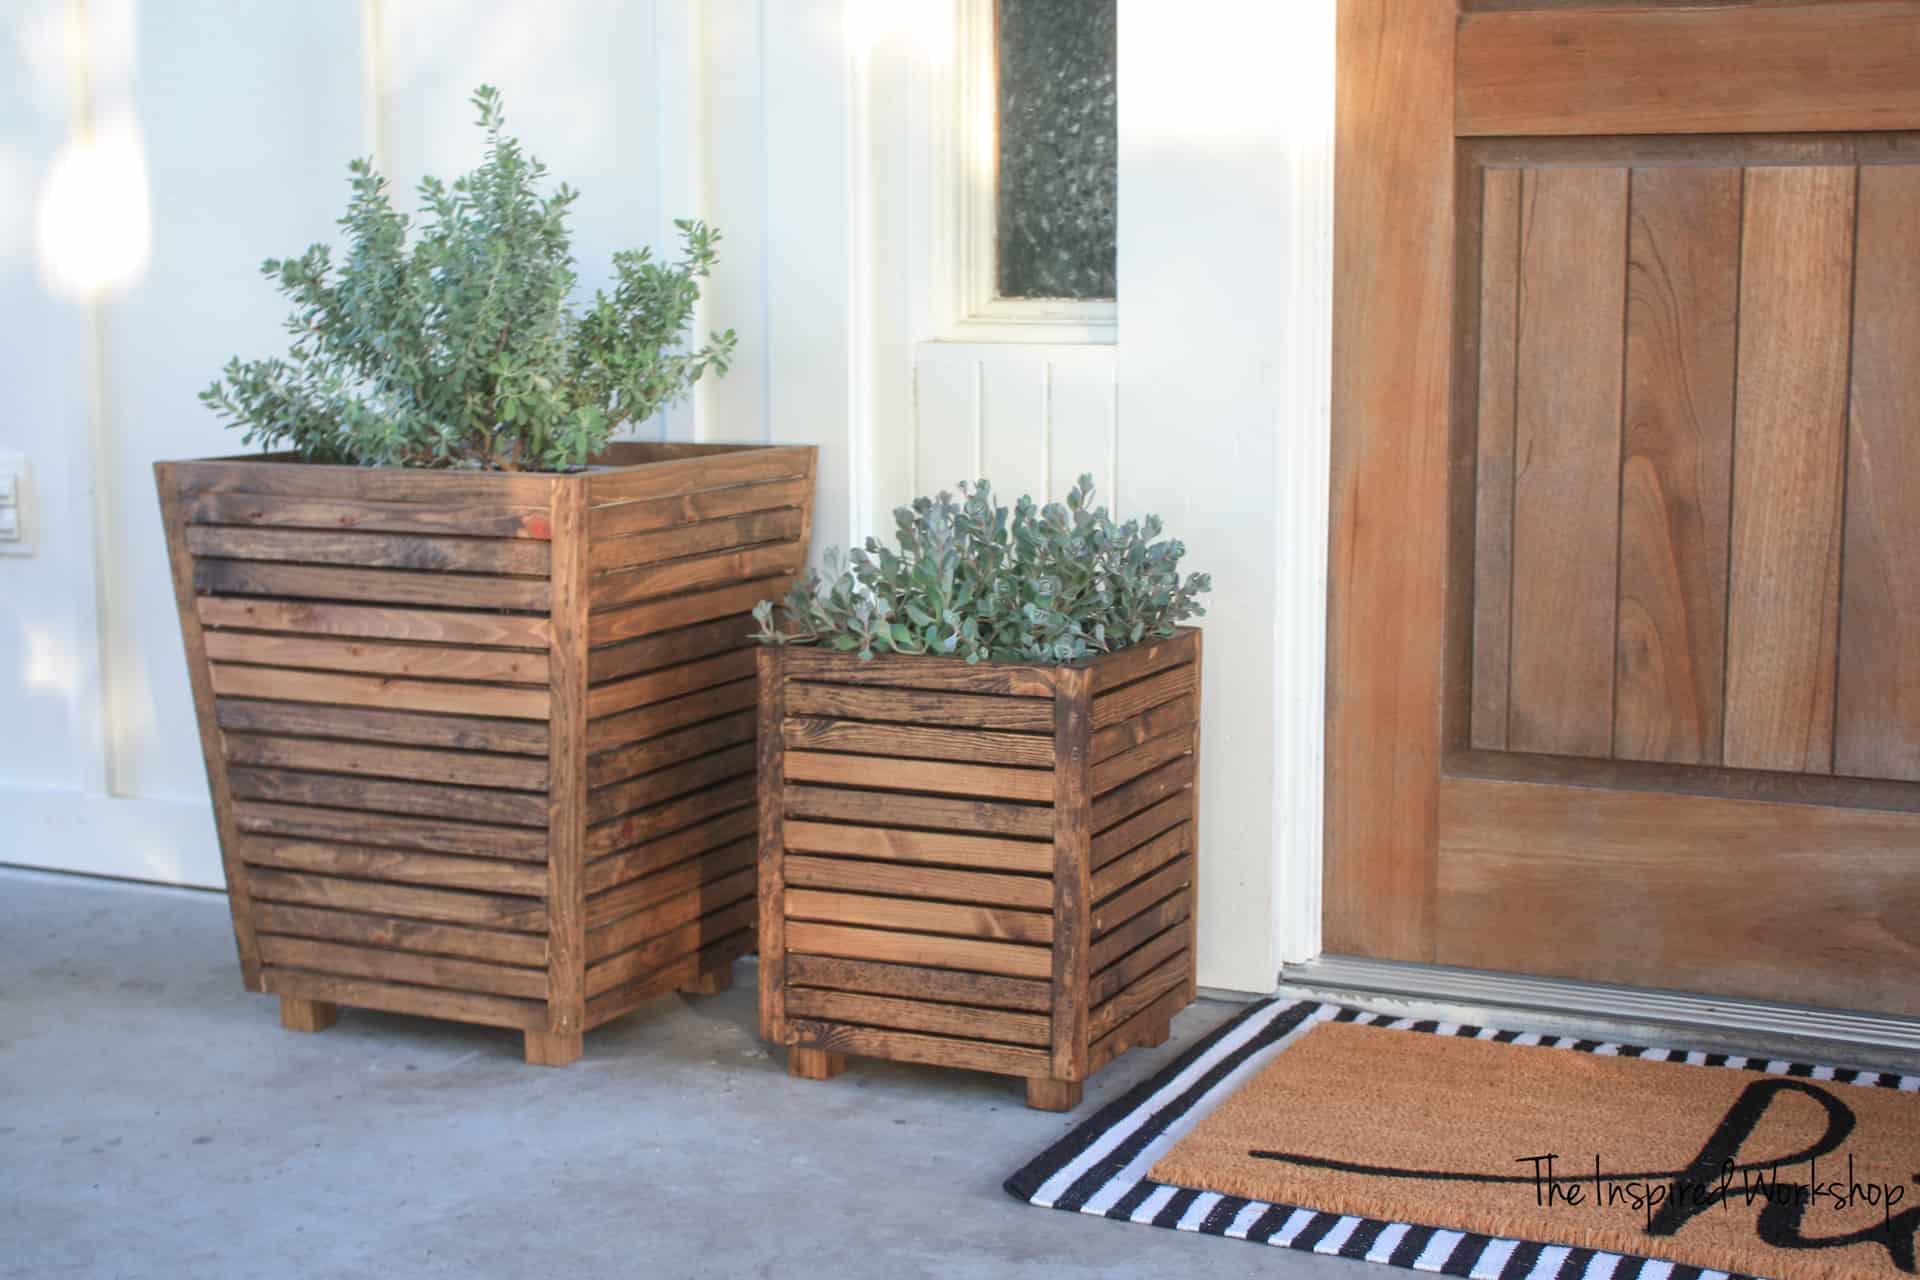 Diy Scrap Wood Outdoor Planter The Inspired Workshop